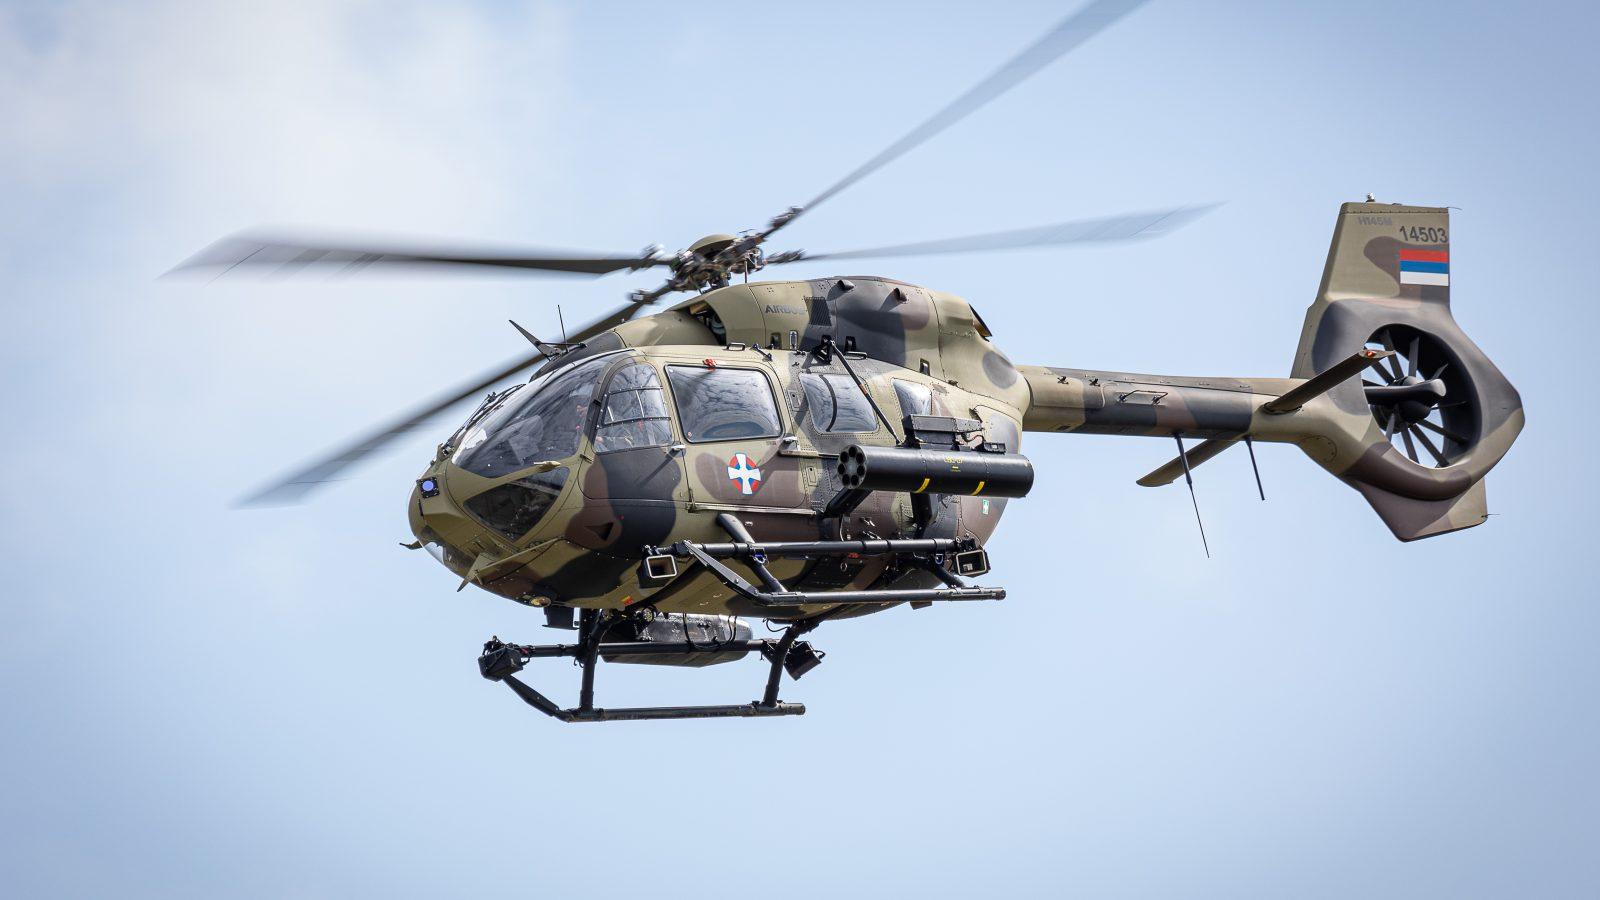 Dinamički deo prikaza sposobnosti dela jedinica Vojske Srbije: Neobična uloga Lasti, standardno dobri Orlovi i efektan nastup posada helikoptera